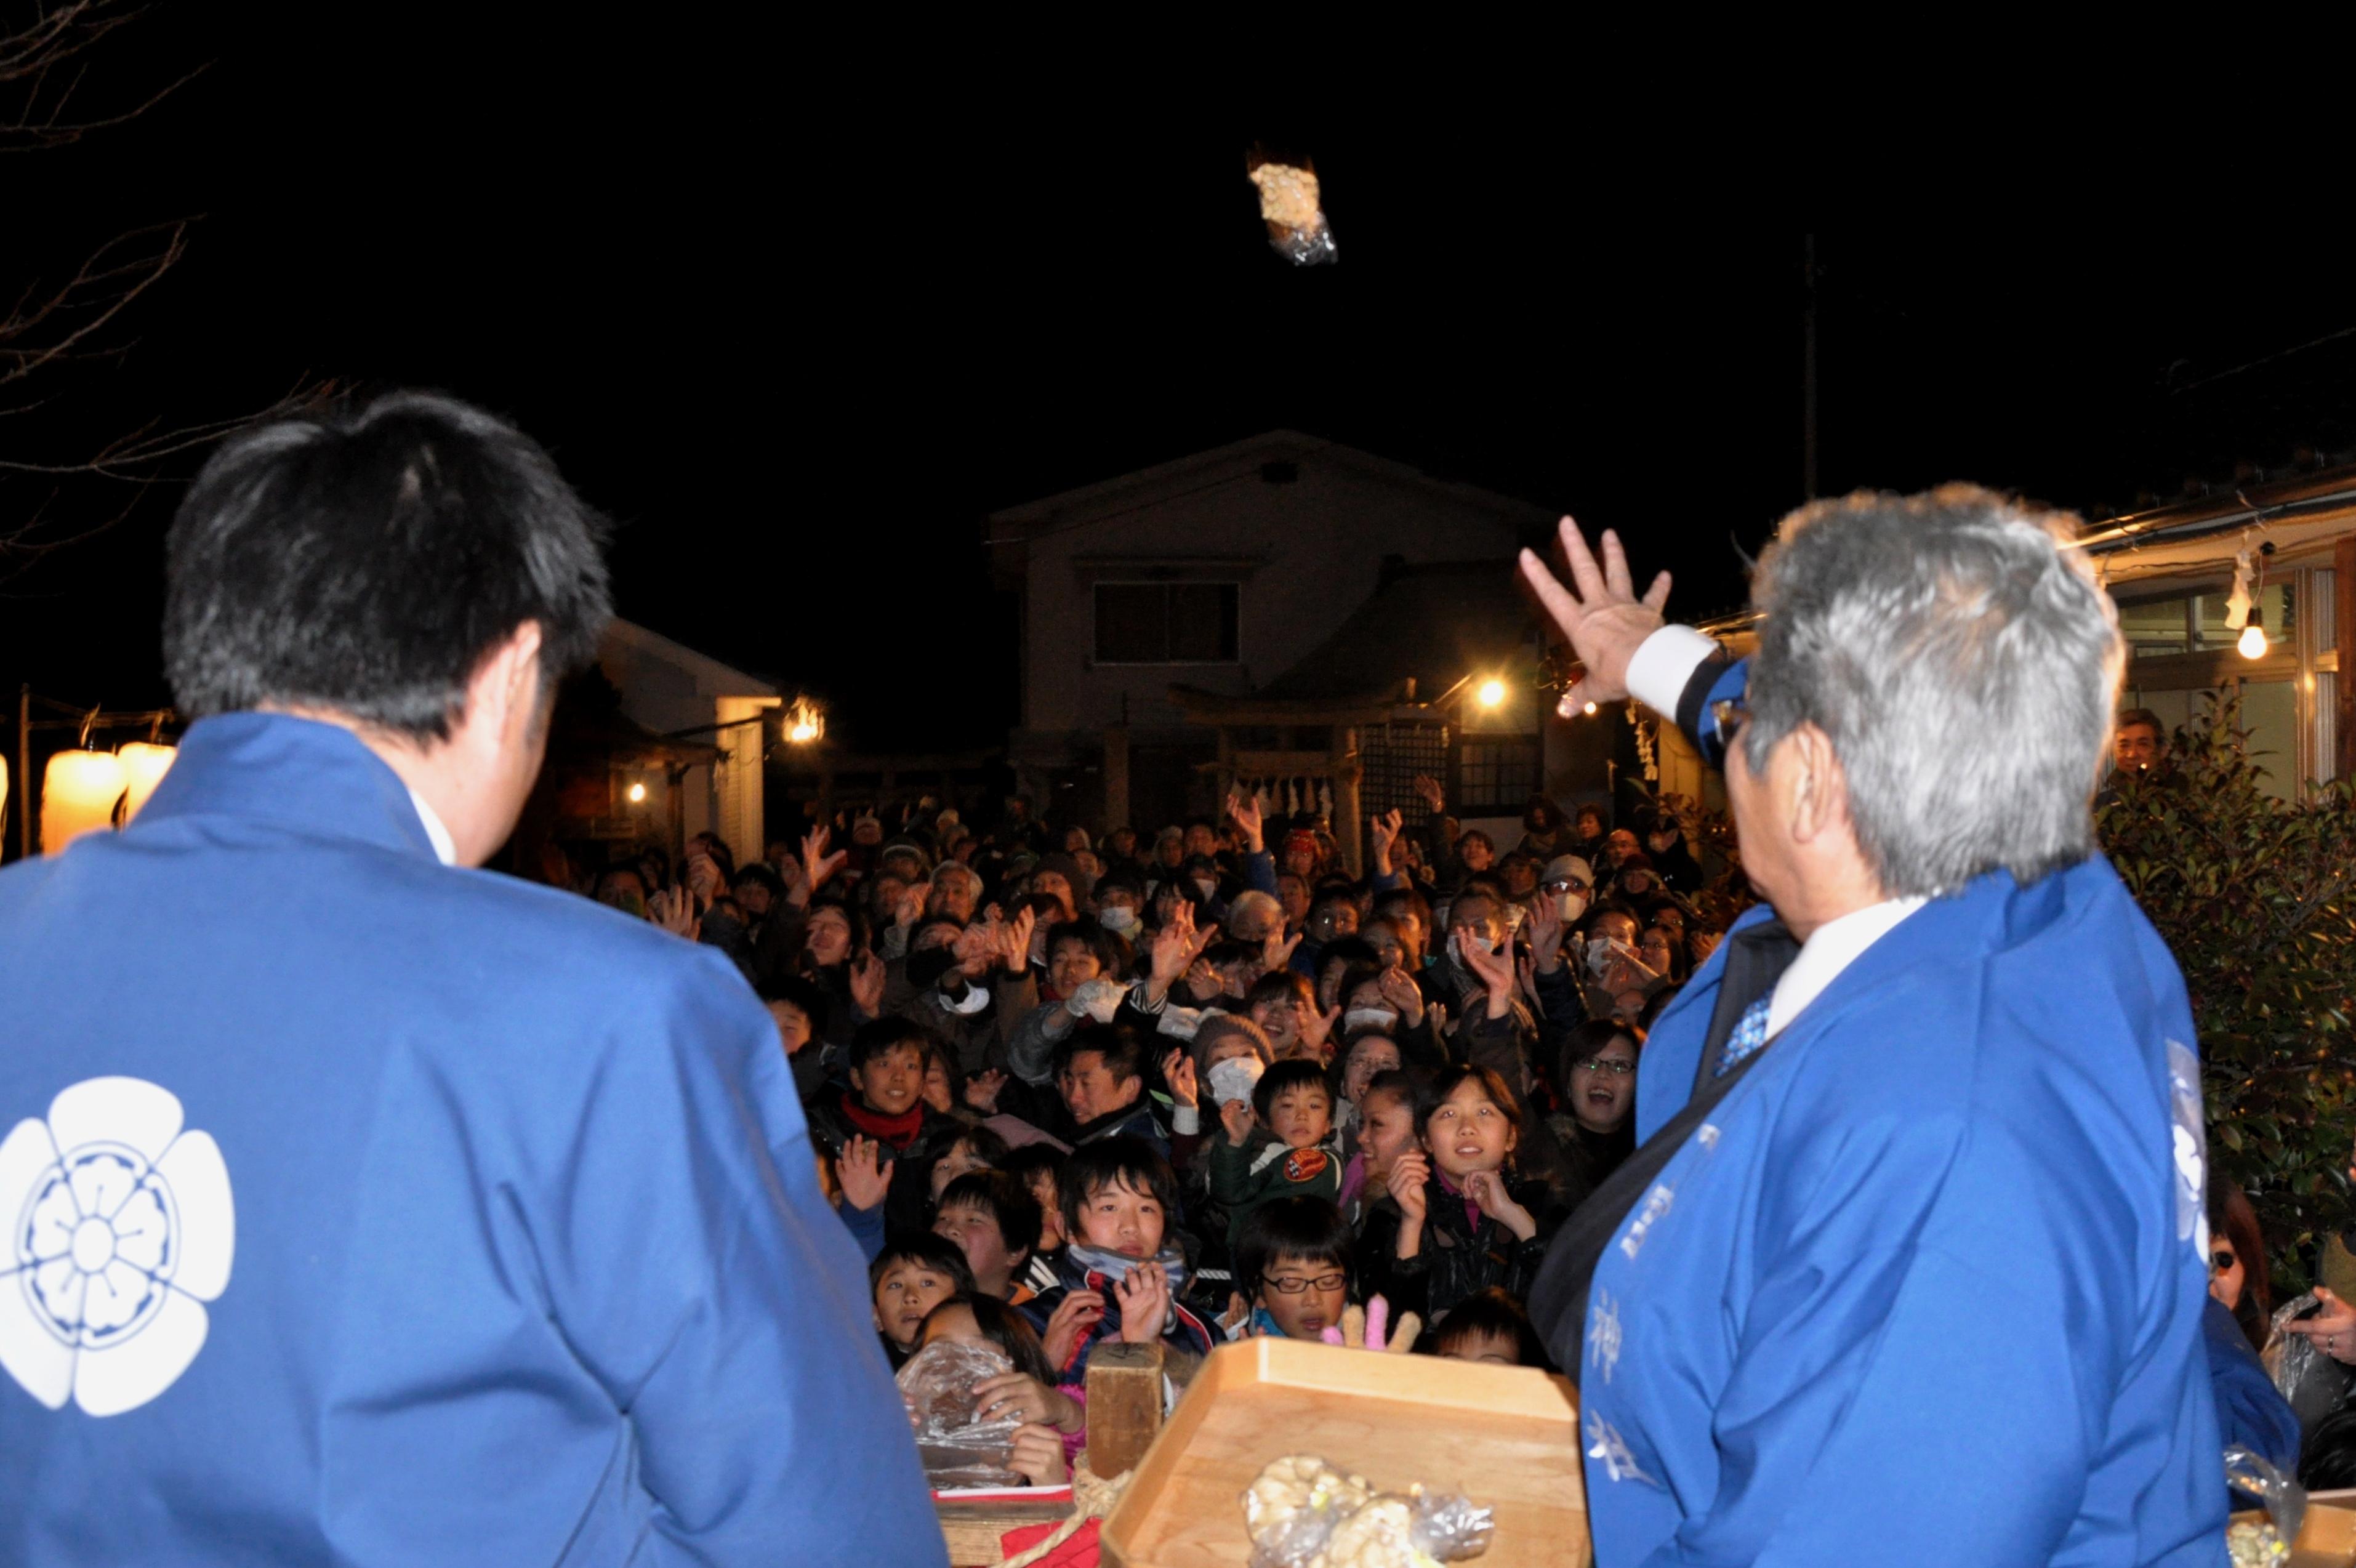 夜に行われる一宮神社の節分祭では、あの鬼神ベッチャーも登場